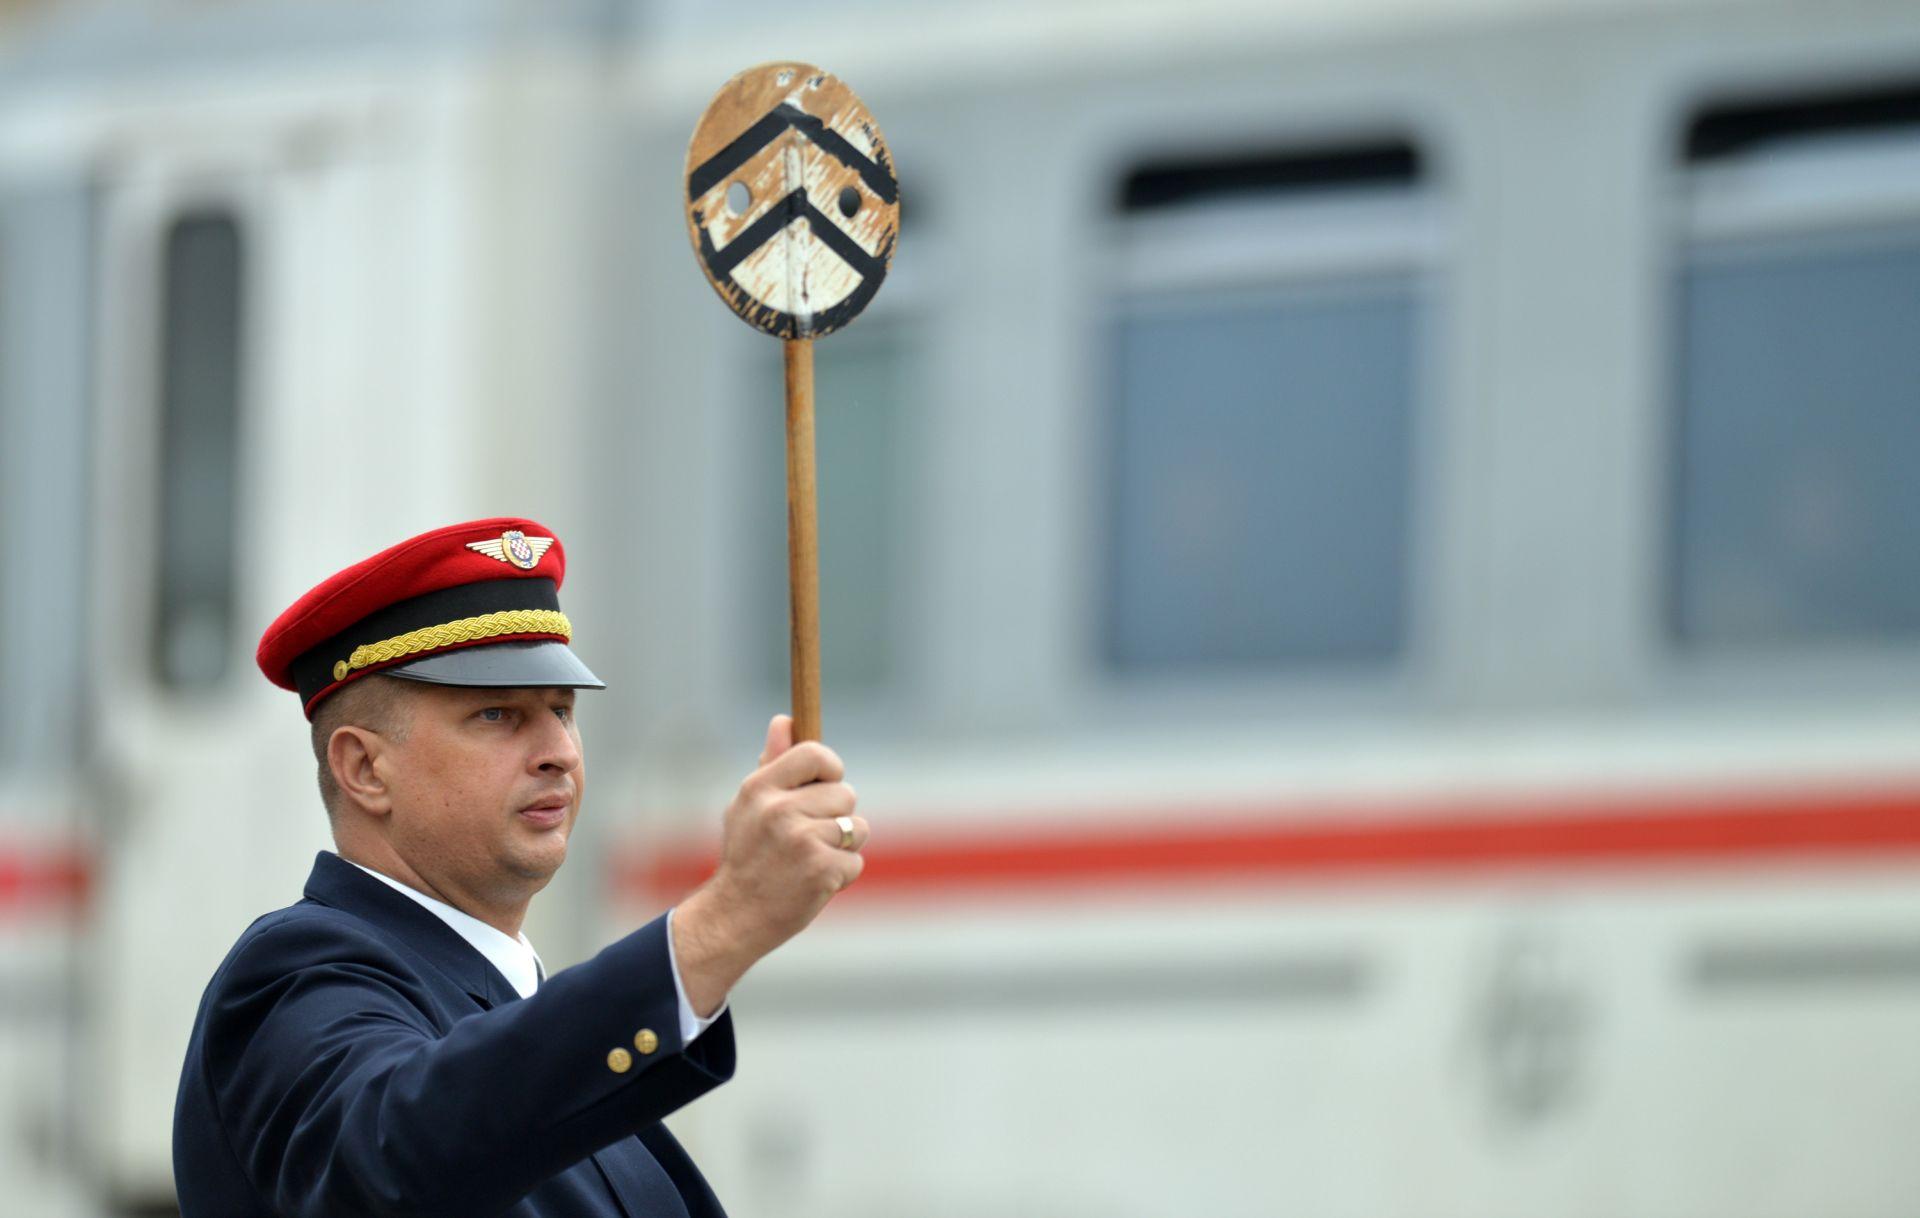 MAĐARIMA NAPLAĆUJEMO LEŽARINU? MUP: Povratak vlaka iz Mađarske dogovoren 1. listopada u Letenyu